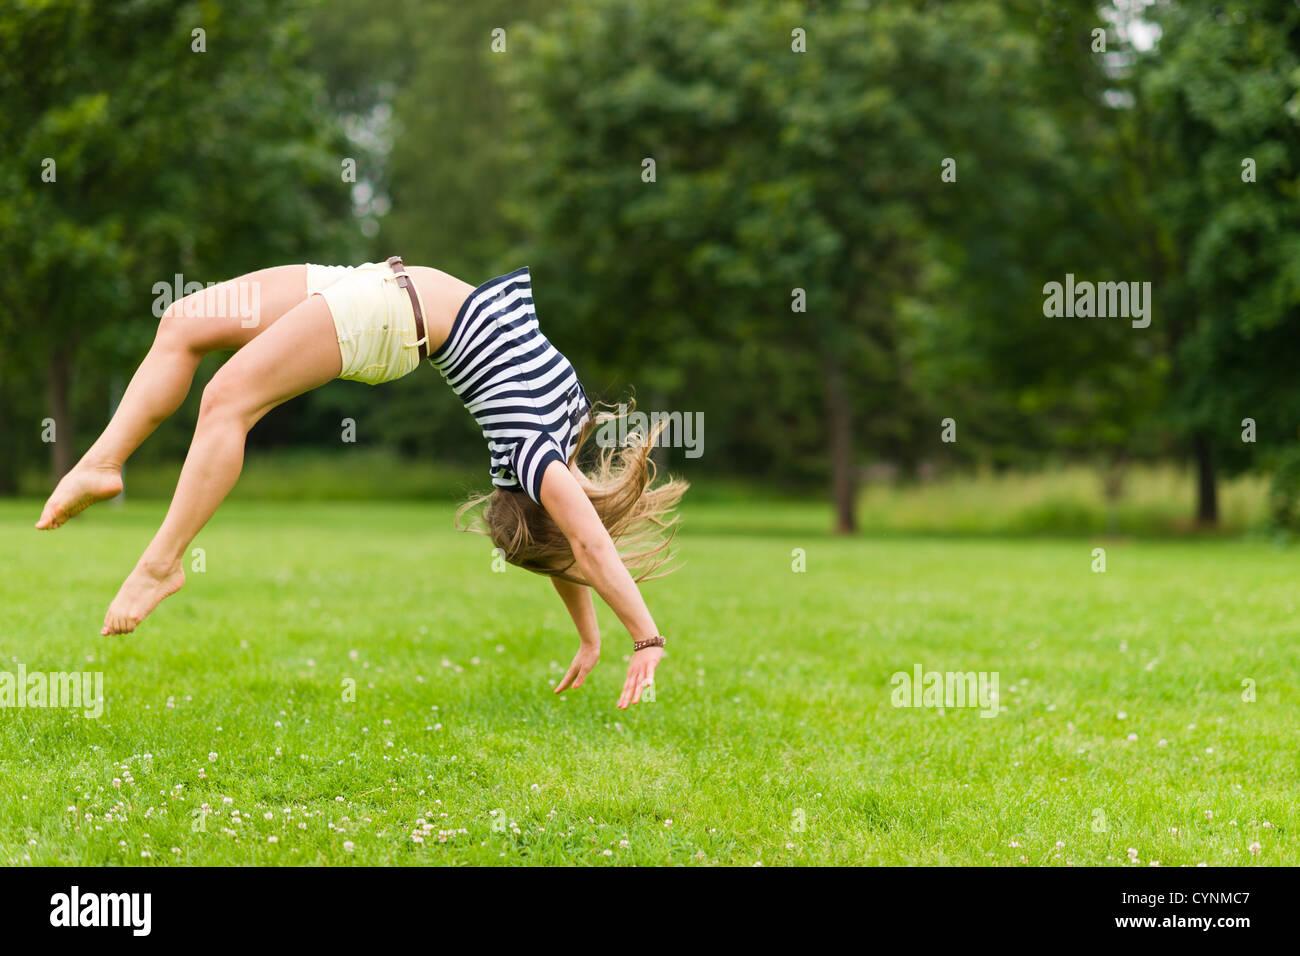 Joven chica deportiva saltar hacia atrás en el parque, imagen con profundidad de campo estrecho Imagen De Stock